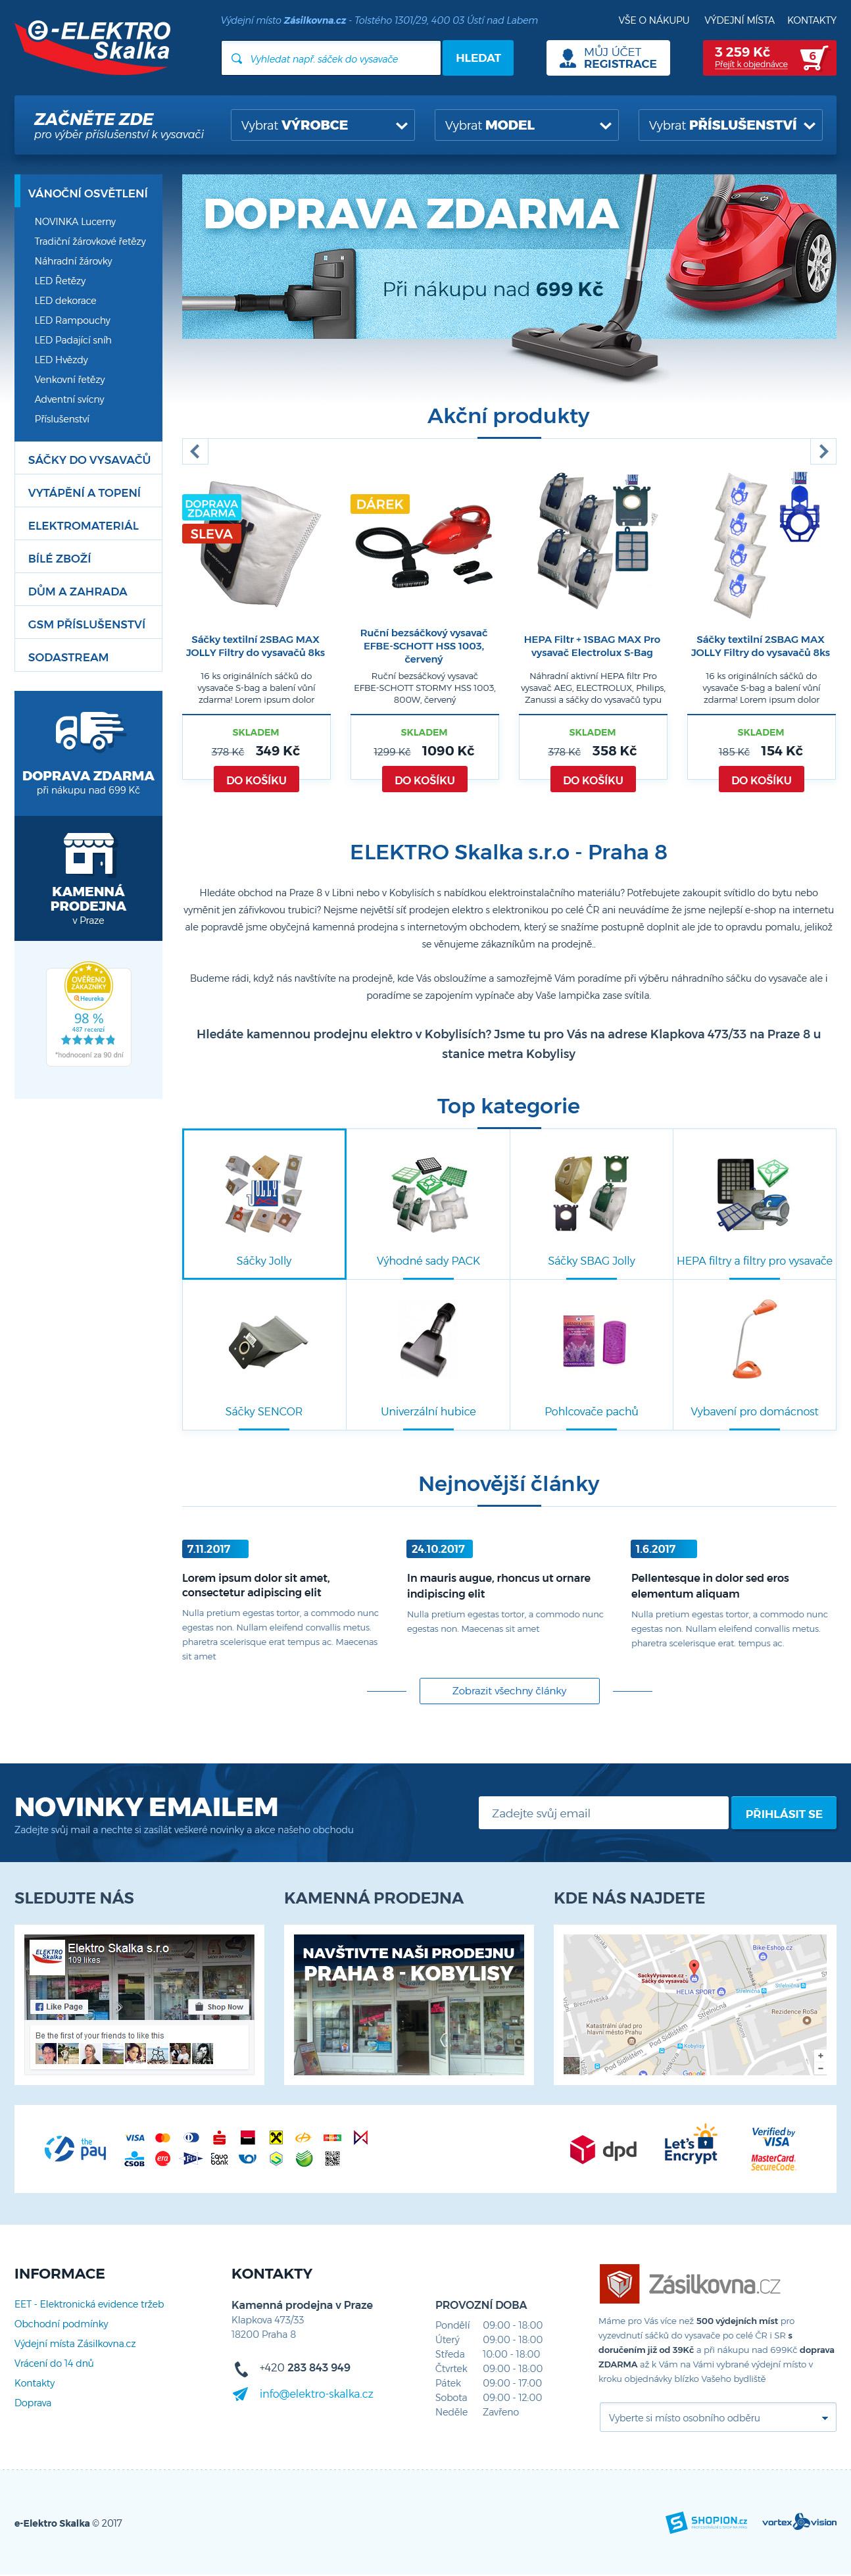 Internetový obchod .e-elektro.cz